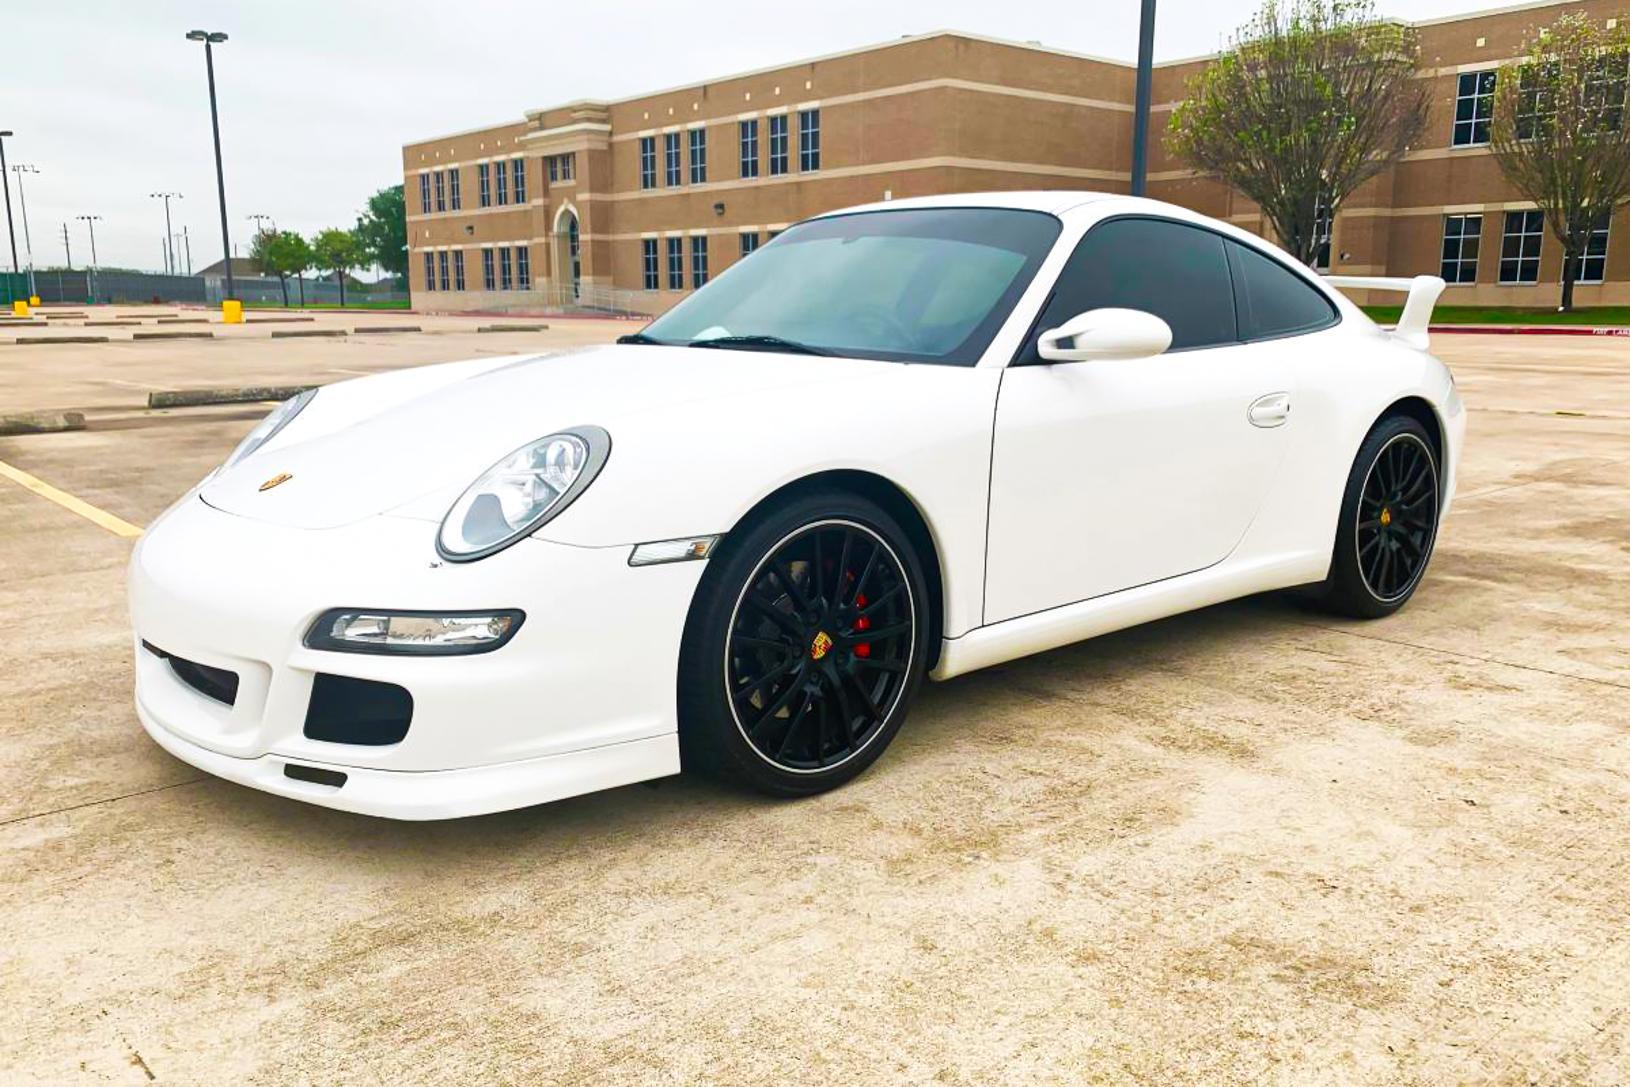 2008 Porsche 911 S 'Center Drive'